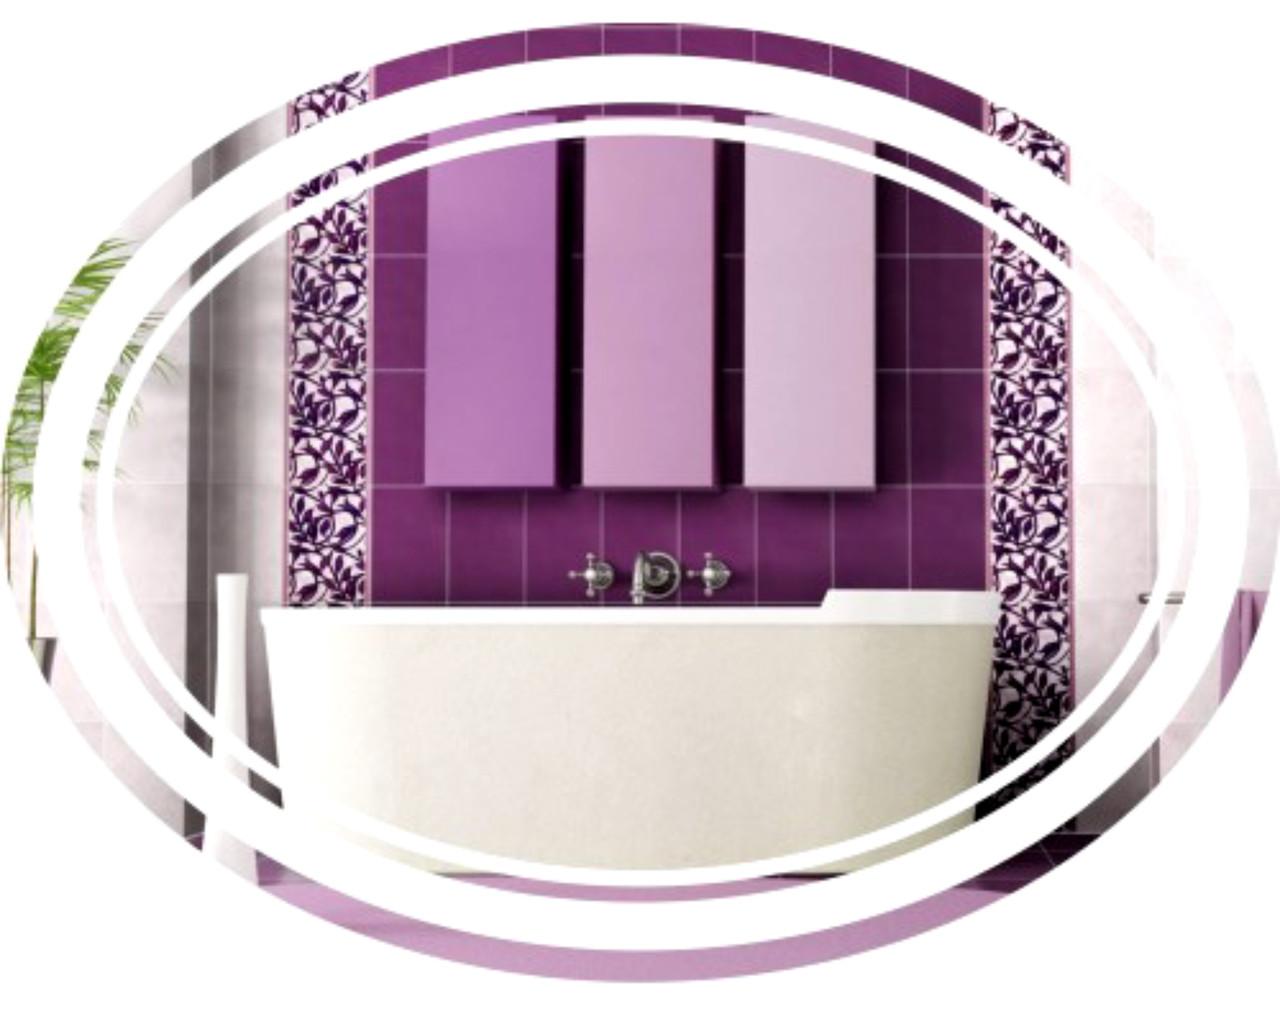 79e5f7978e00 Зеркало овальное с LED подсветкой в раме (600х800) - Интернет-магазин